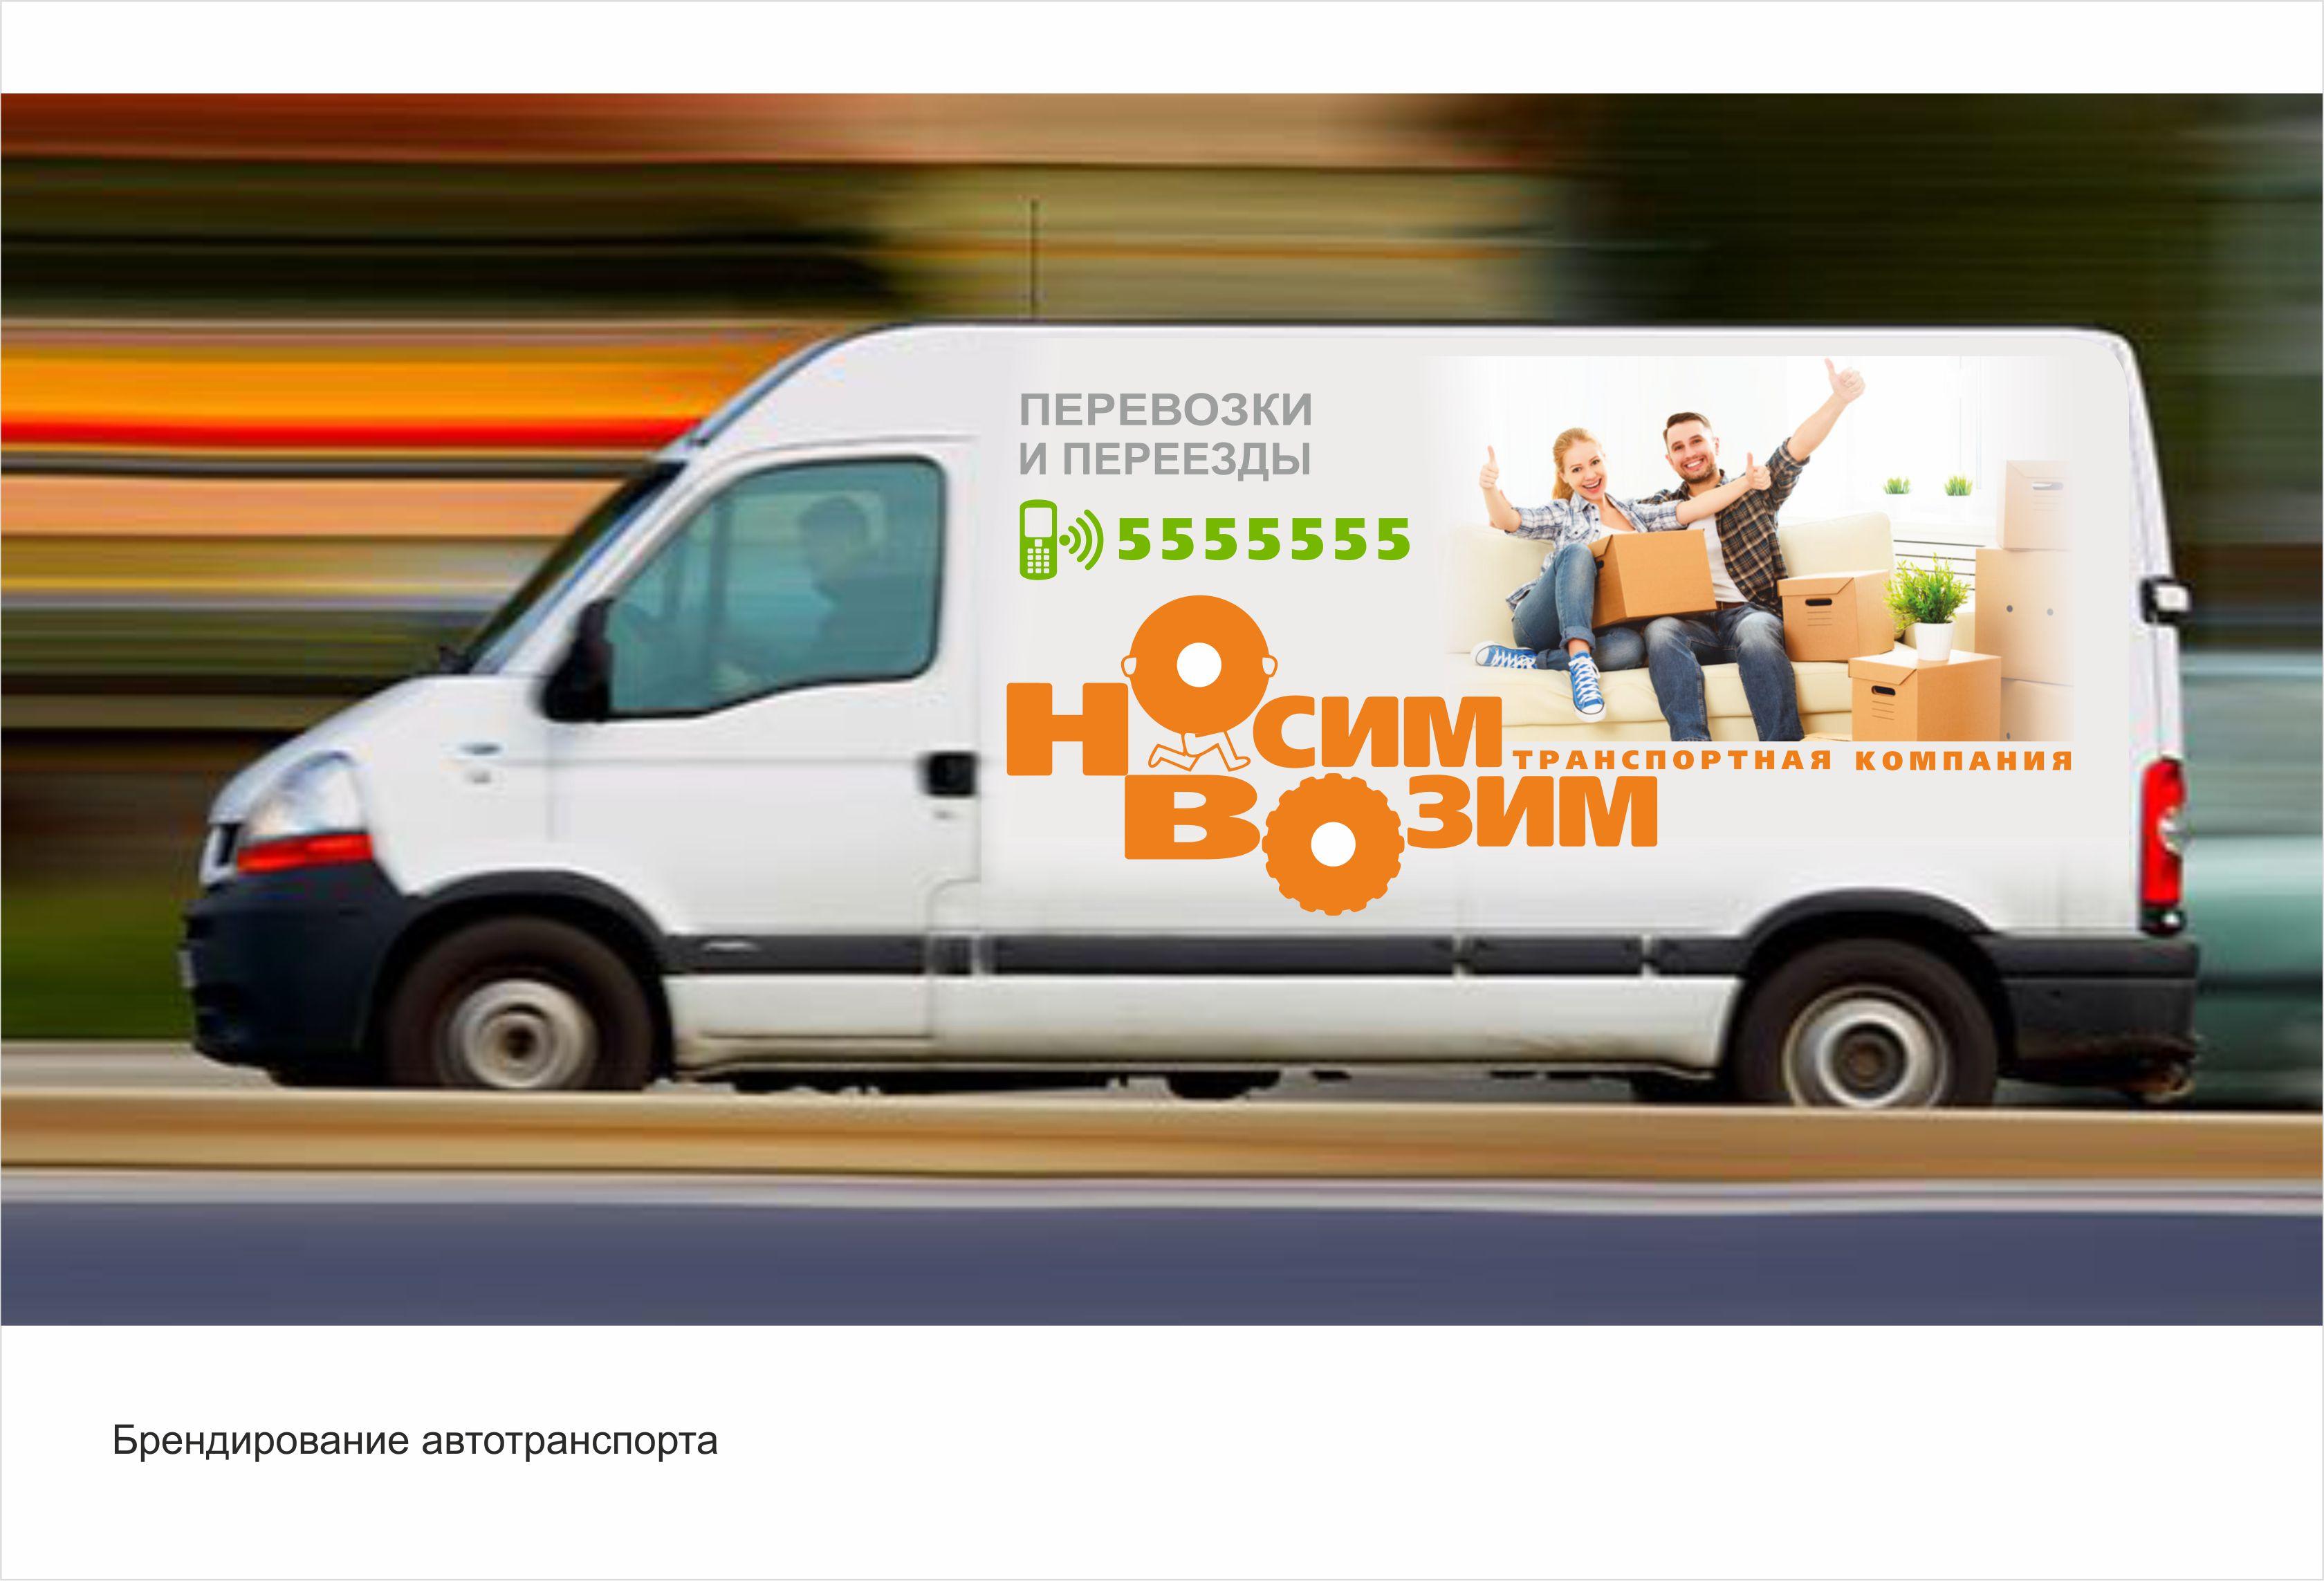 Логотип компании по перевозкам НосимВозим фото f_1705cf7a1332d31d.jpg